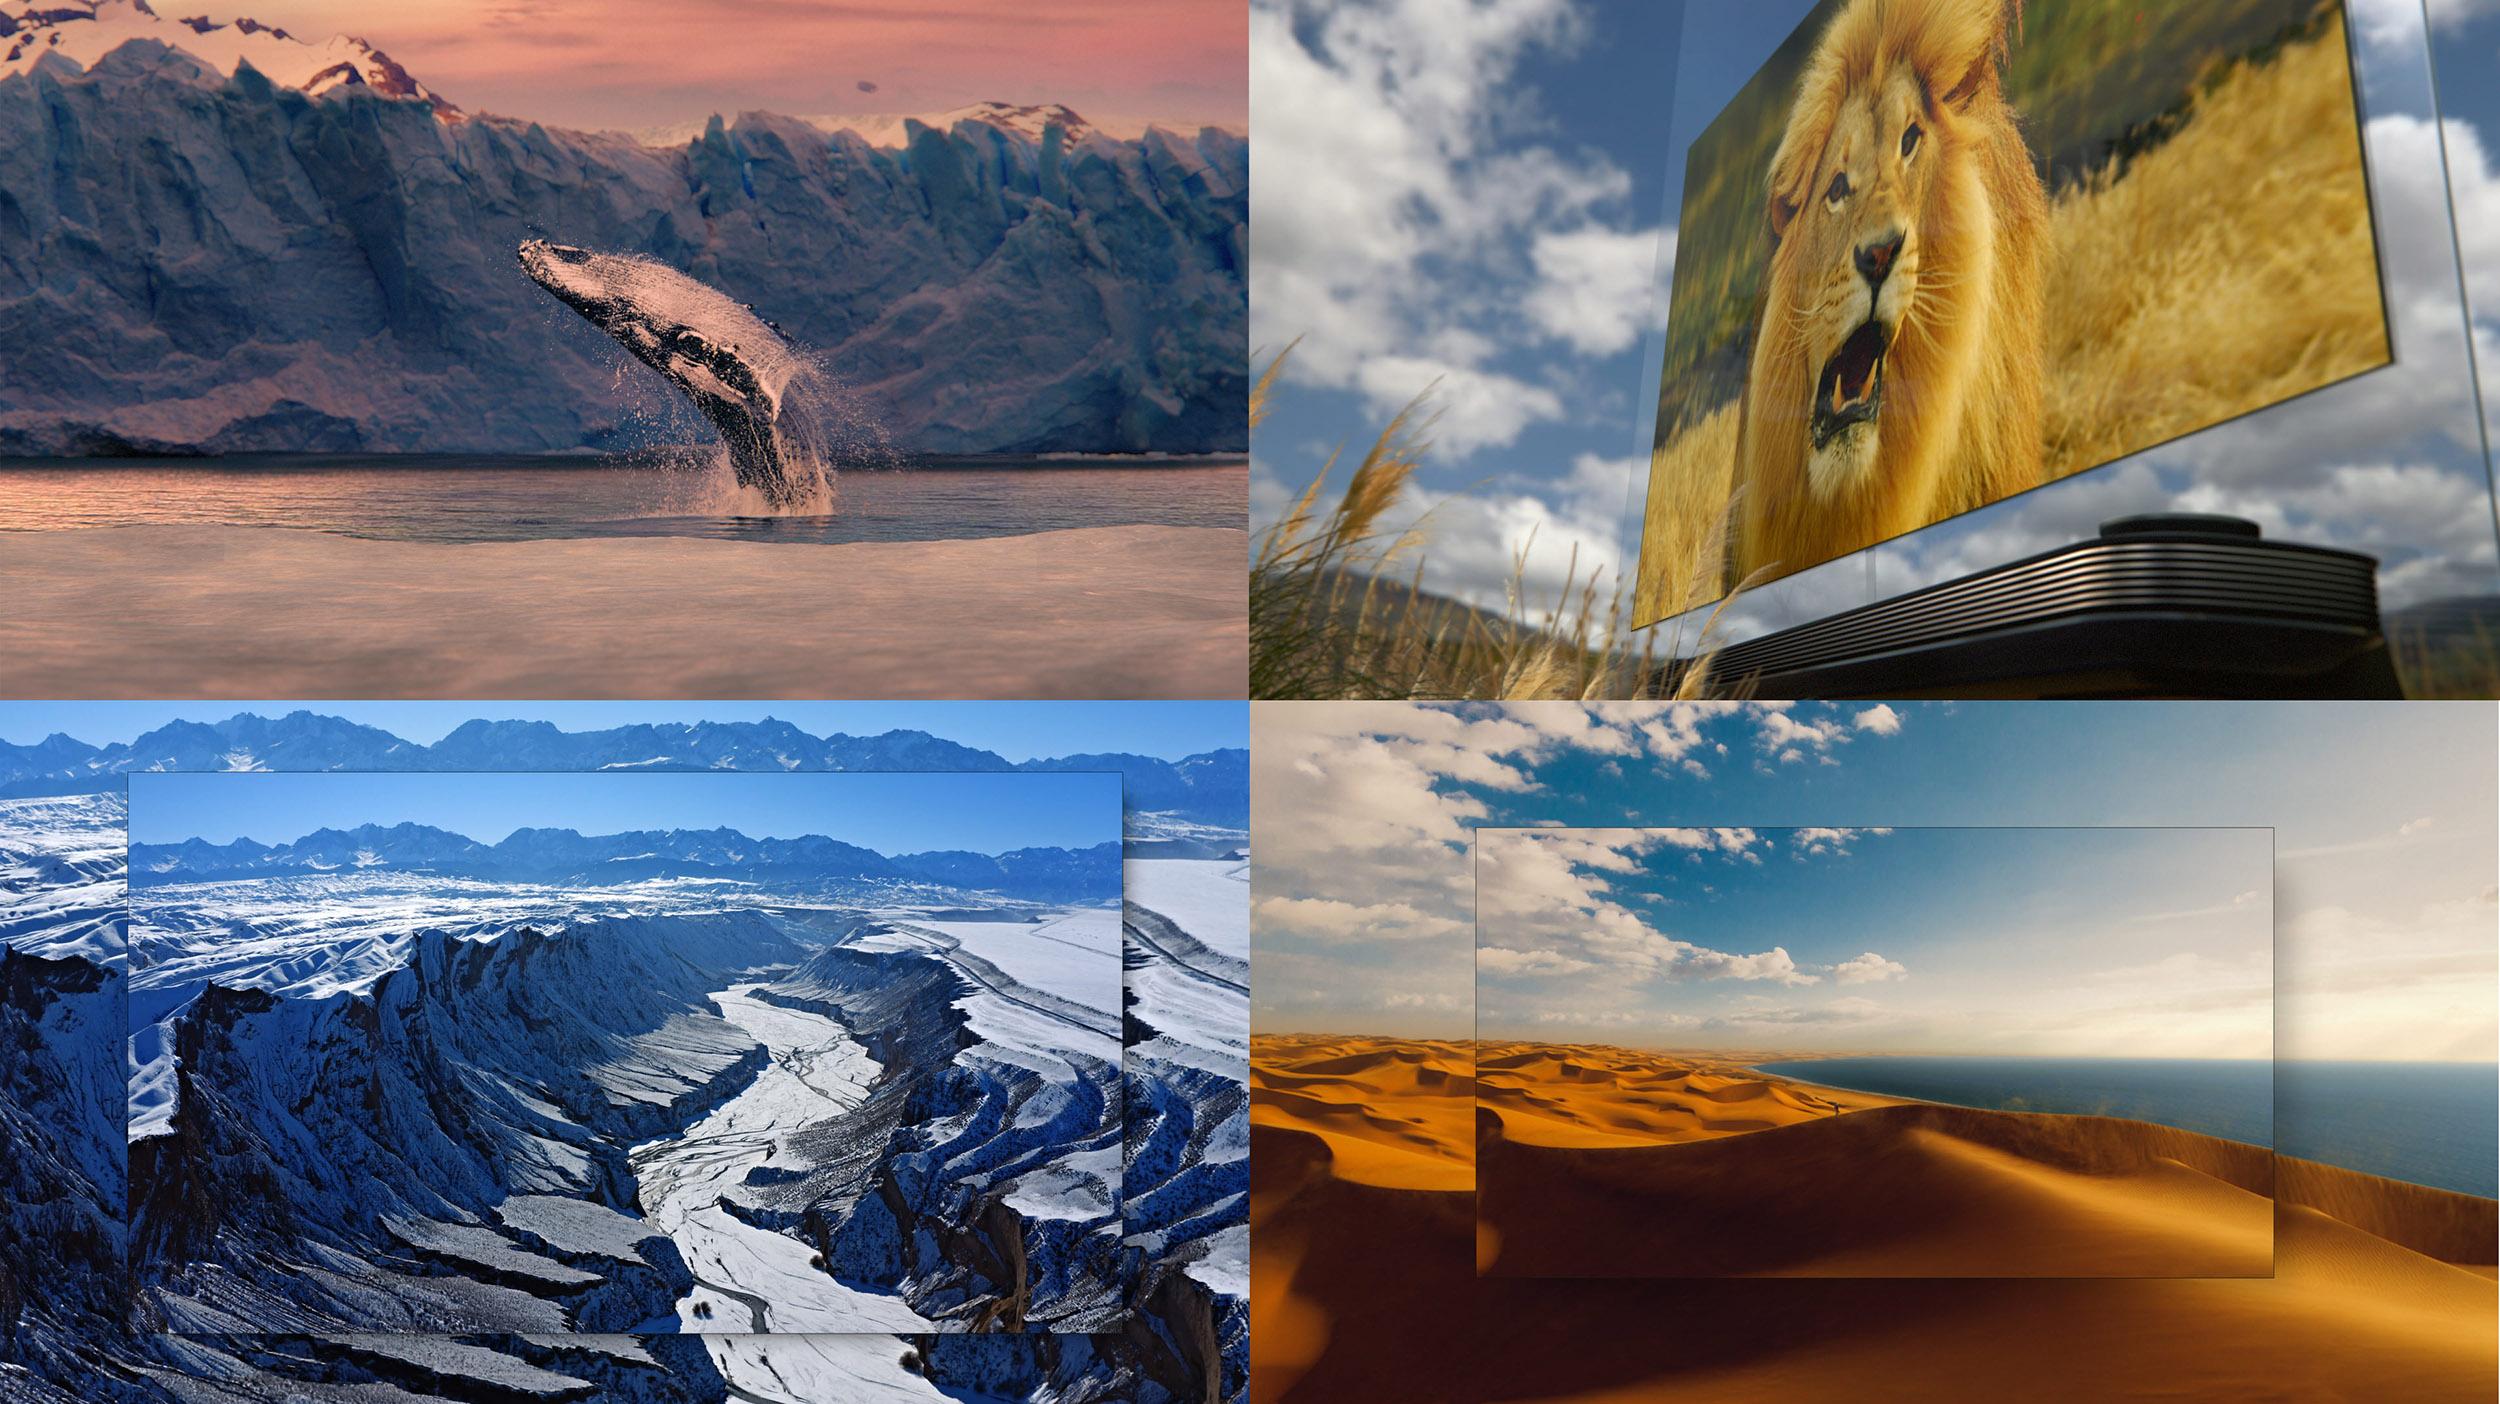 LG전자는 아르헨티나, 남아프리카공화국, 나미비아, 중국 등 신비로운 자연의 모습을 LG 올레드 TV로 생생하게 보여준다는 컨셉의 TV CF를 22일 온에어한다. 새로운 LG 올레드 TV CF 속 주요 장면.